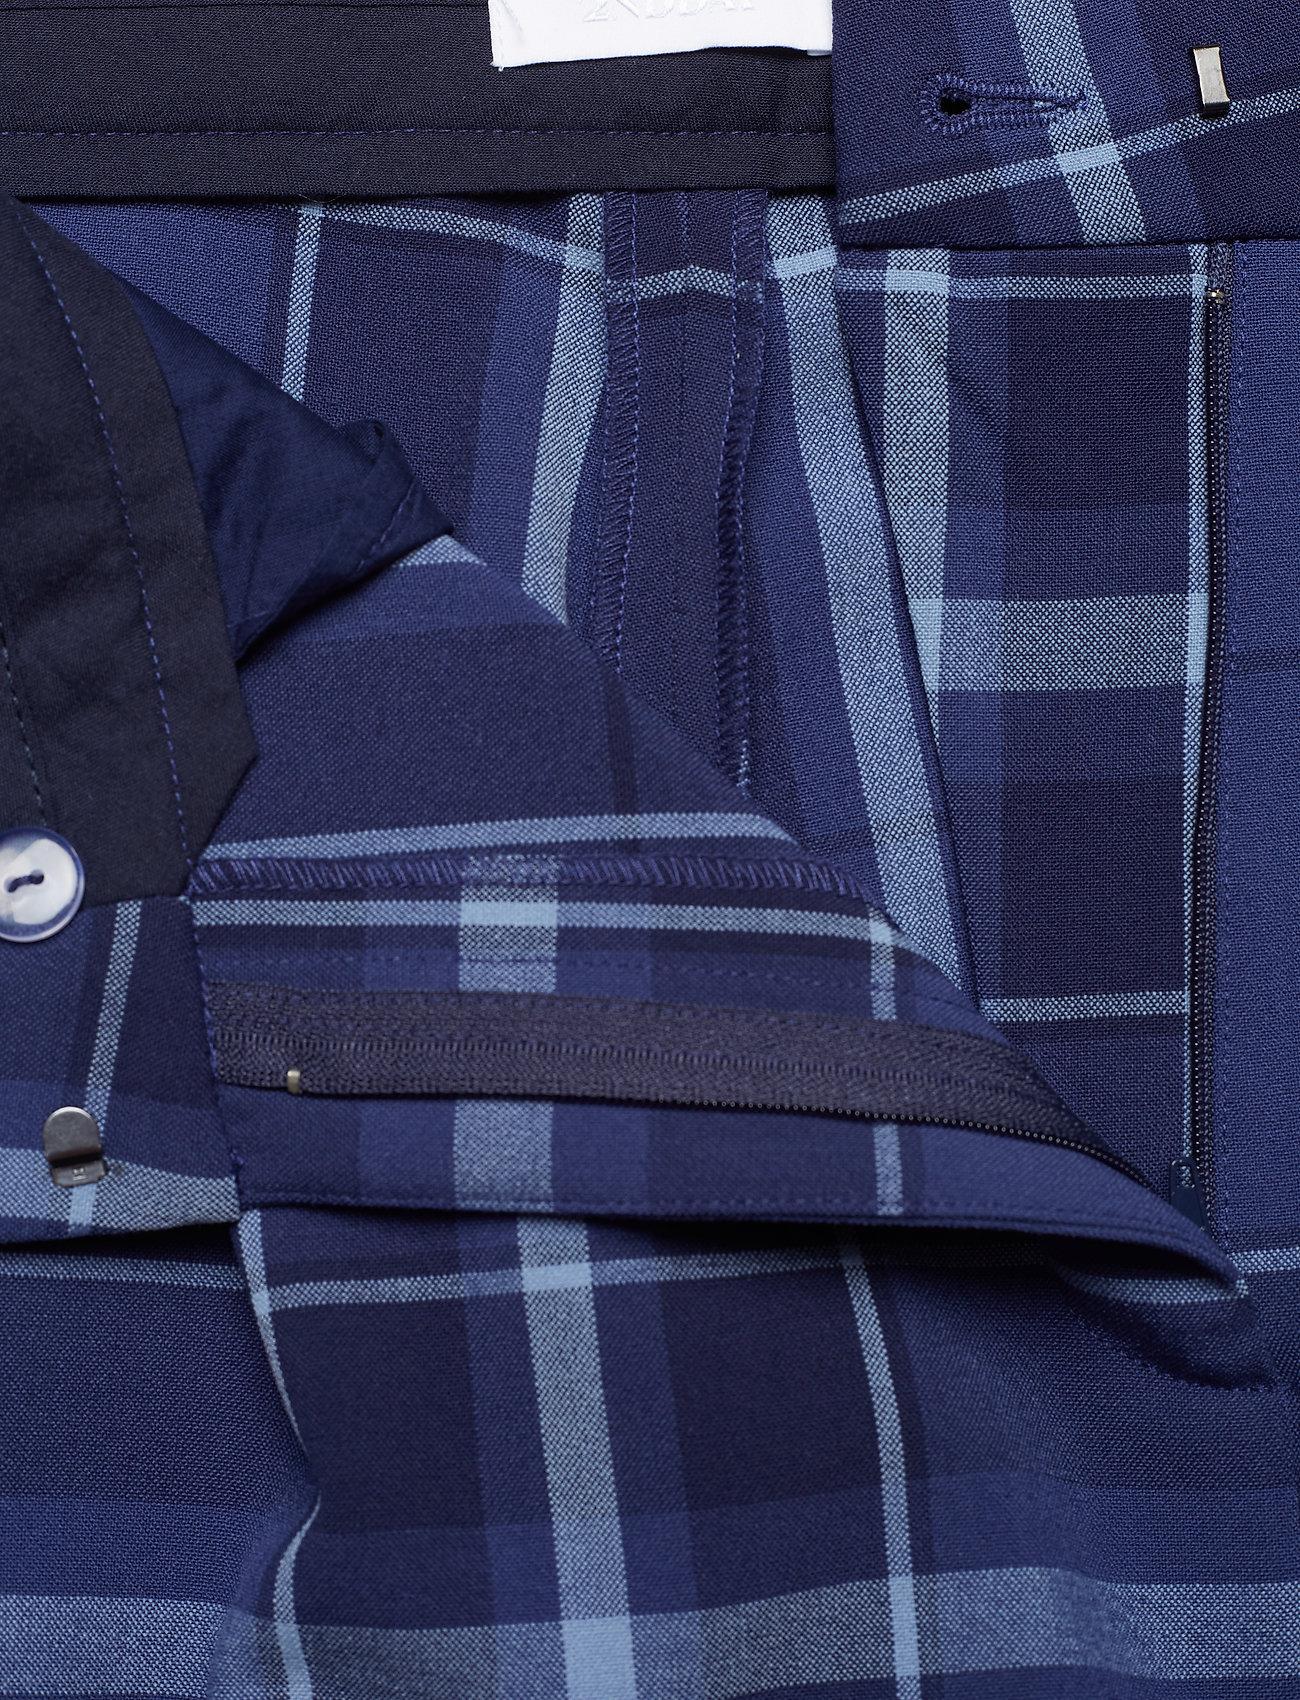 2NDDAY 2nd Anya Maxi-check (Crown Blue) 769 kr   Stort utbud av designermärken B4Wmu2JE